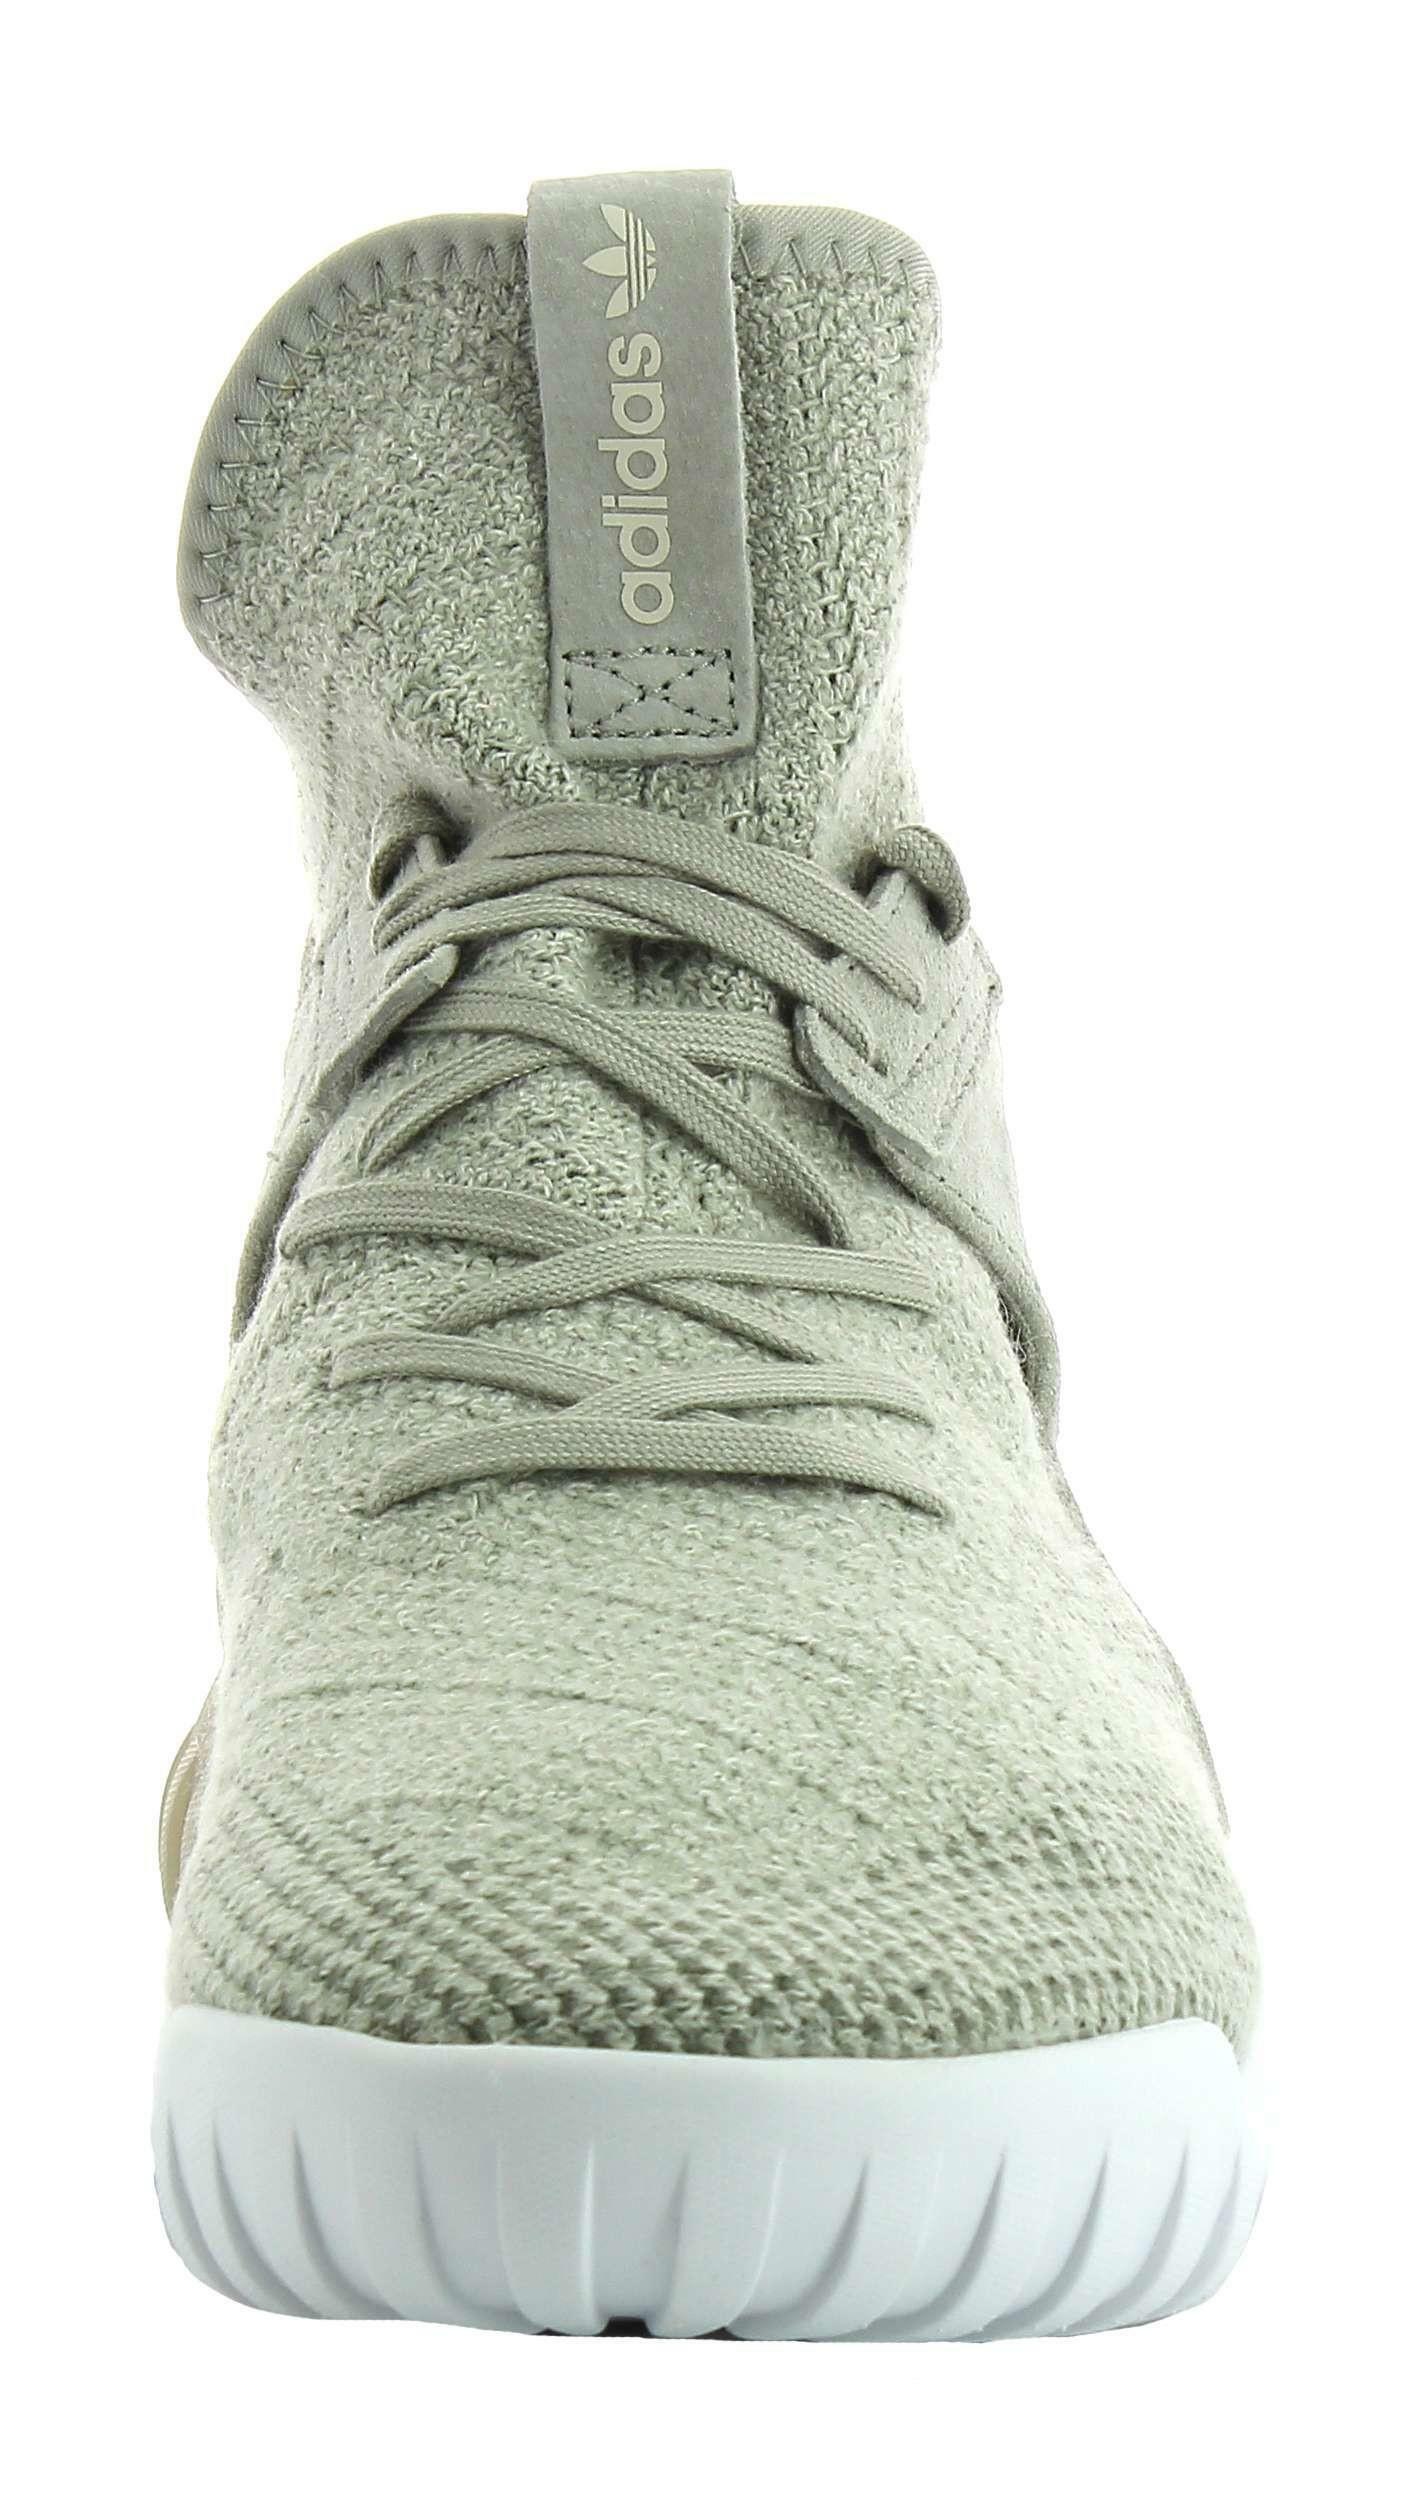 adidas adidas tubular x pk scarpe sportive uomo